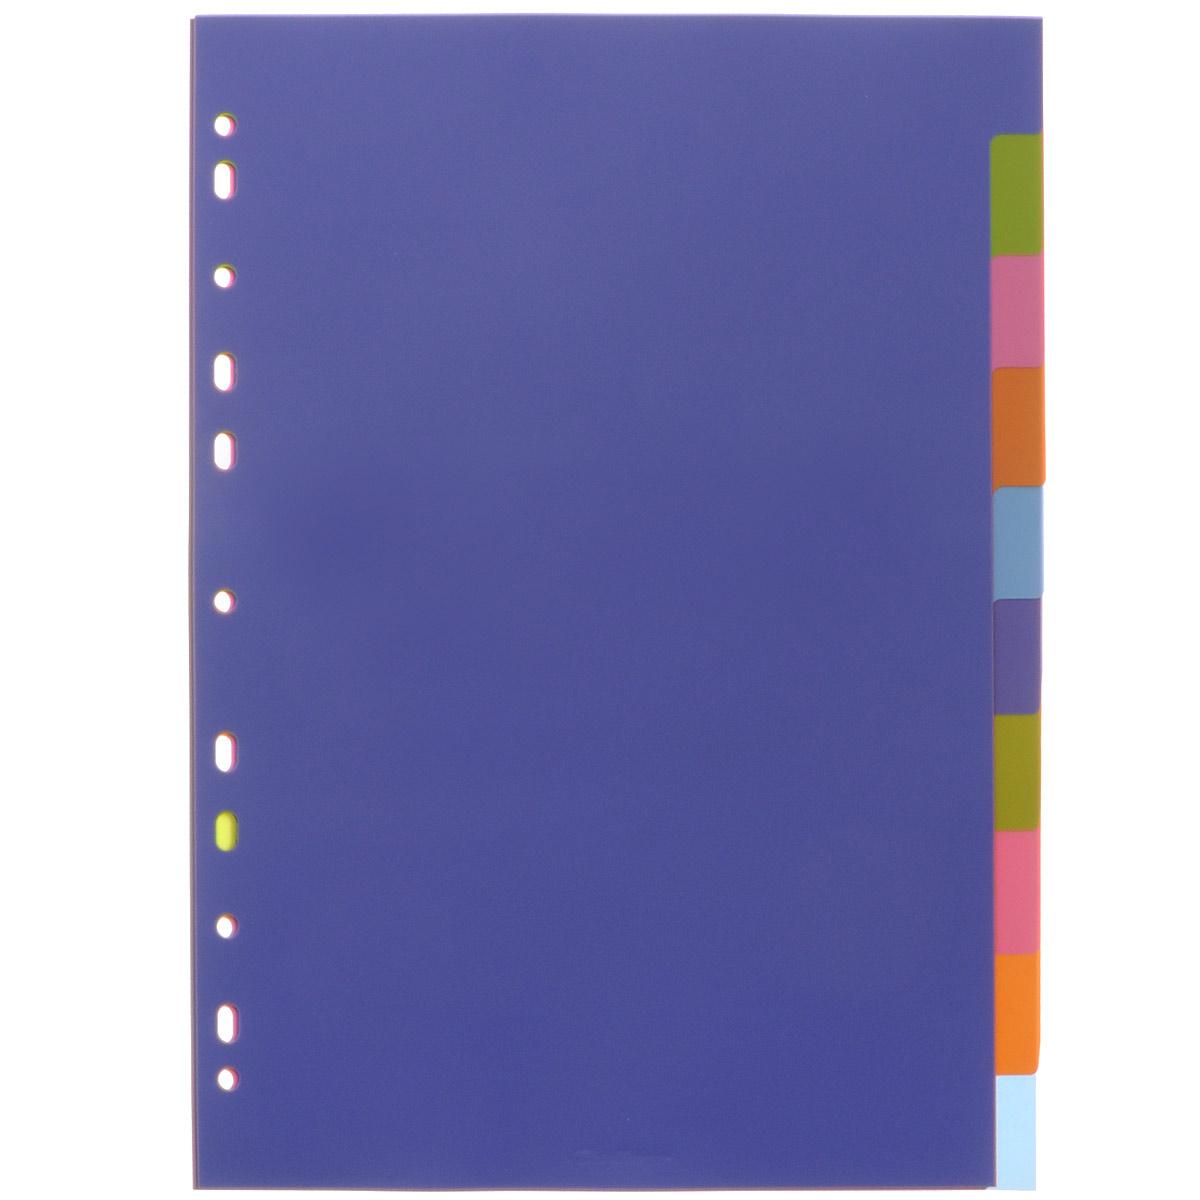 Набор разделителей листов Berlingo станет незаменимой канцелярской принадлежностью в вашей работе. Разделители листов выполнены из высококачественного разноцветного пластика: фиолетового, салатового, розового, оранжевого и голубого цветов. Они предназначены для учета, классификации и удобной систематизации документов формата А4 в архивных папках, папках-регистраторах, скоросшивателях. В набор входят 10 разделителей с вырубкой и титульный лист, выполненный из плотной бумаги. Универсальная боковая перфорация, состоящая из 11 отверстий, позволяет использовать разделители в папках с различными механизмами подшивания.